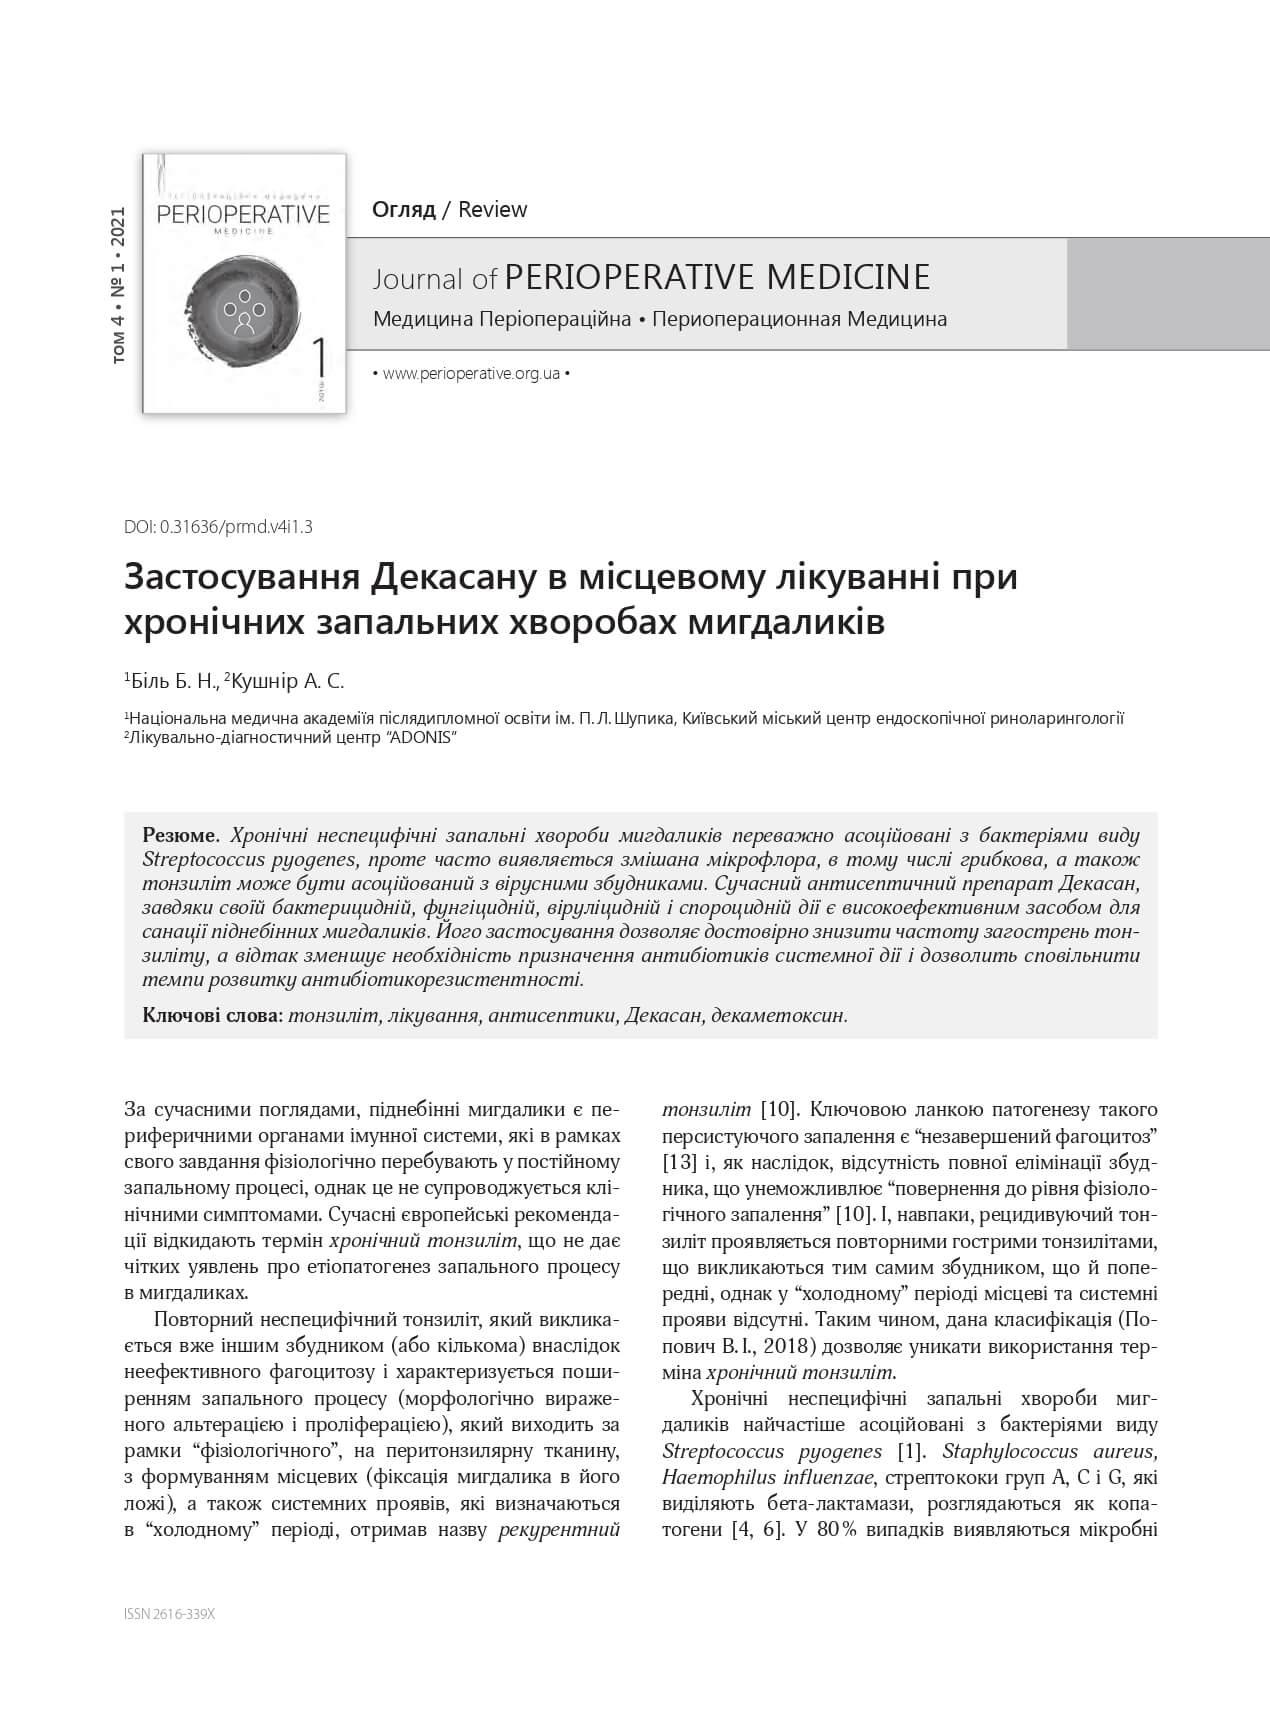 Застосування Декасану в місцевому лікуванні при хронічних запальних хворобах мигдаликів